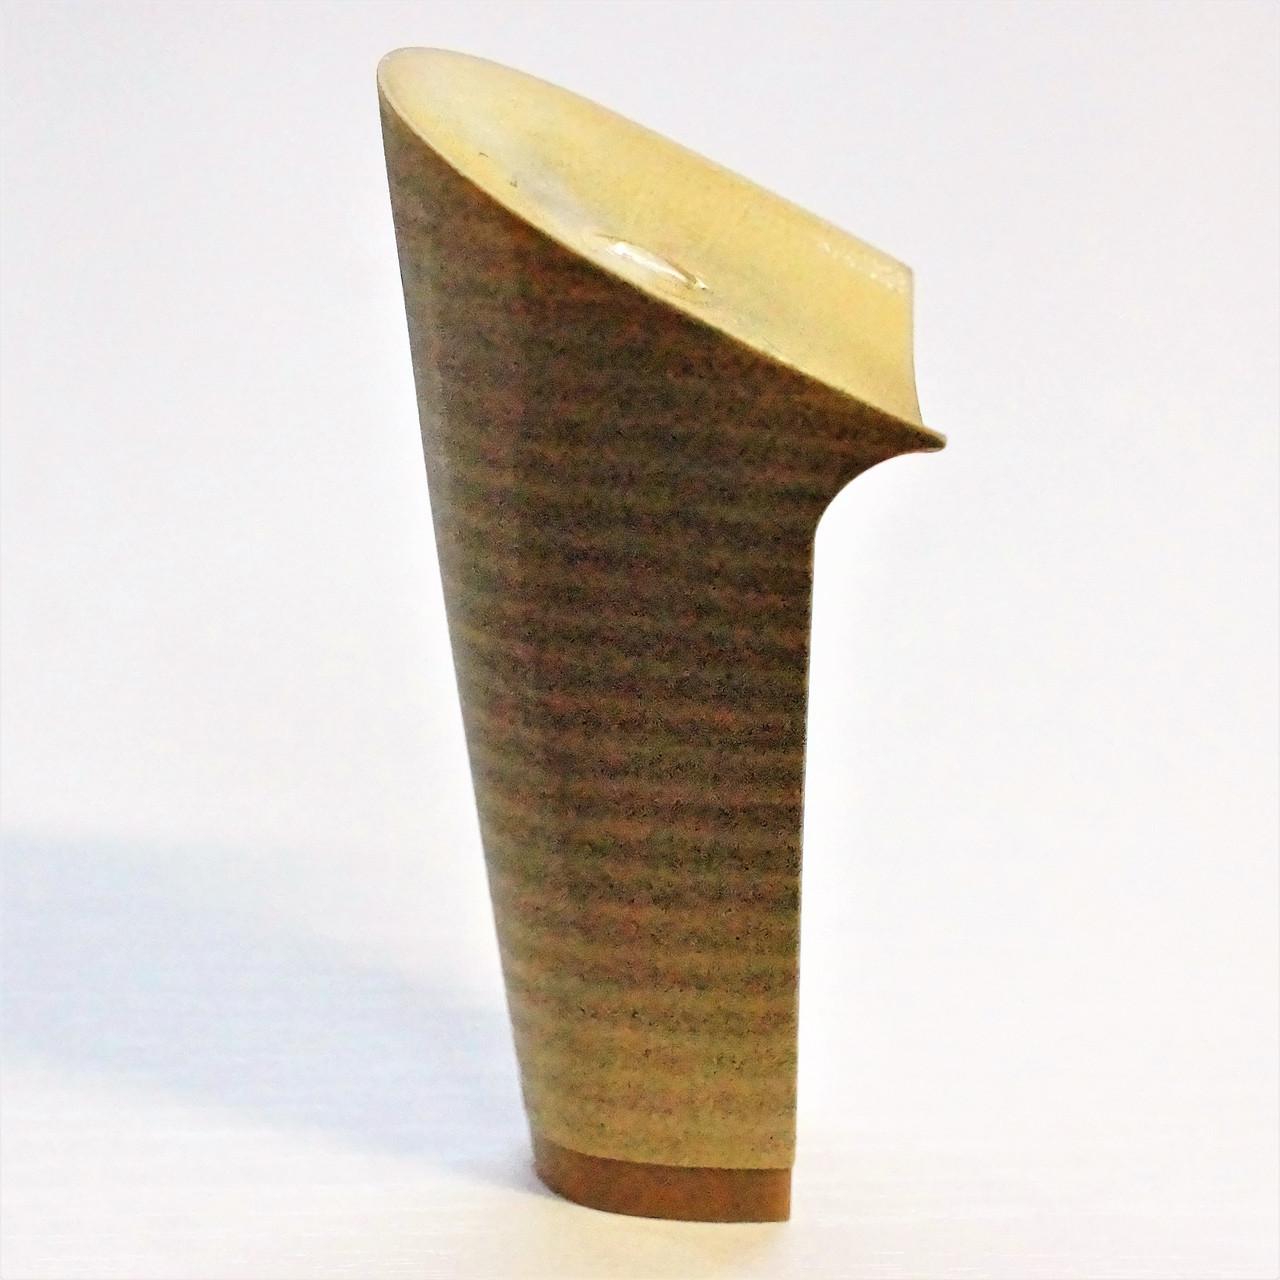 Каблук женский пластиковый 9518 беж Сталекс р.3-1  h-9,2-8,5 см.